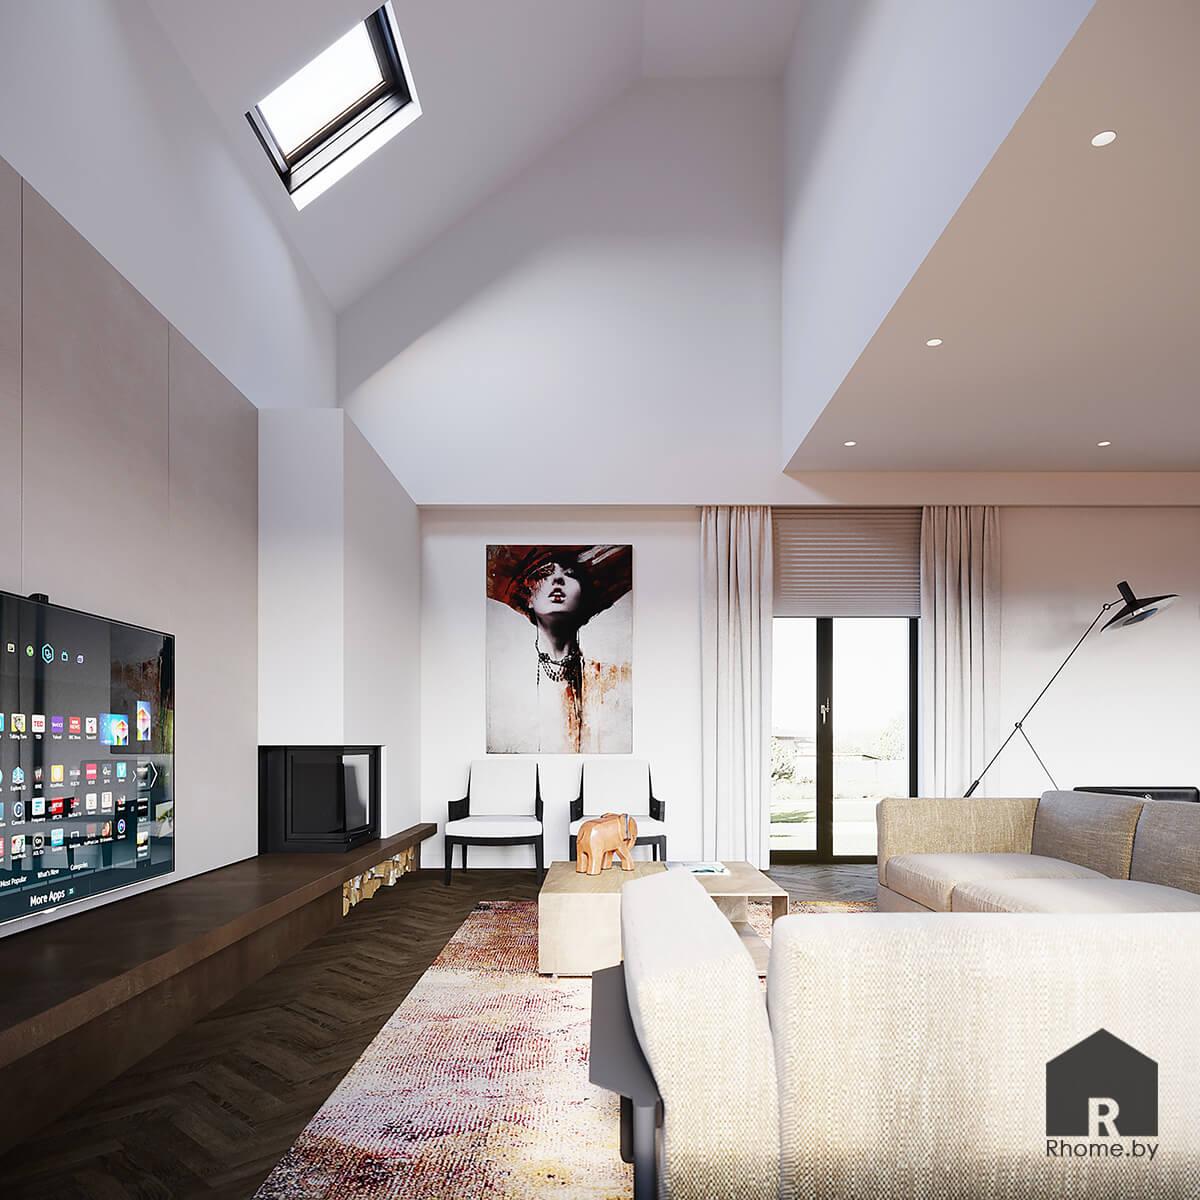 Дизайн интерьера гостиной | Дизайн студия – Rhome.by